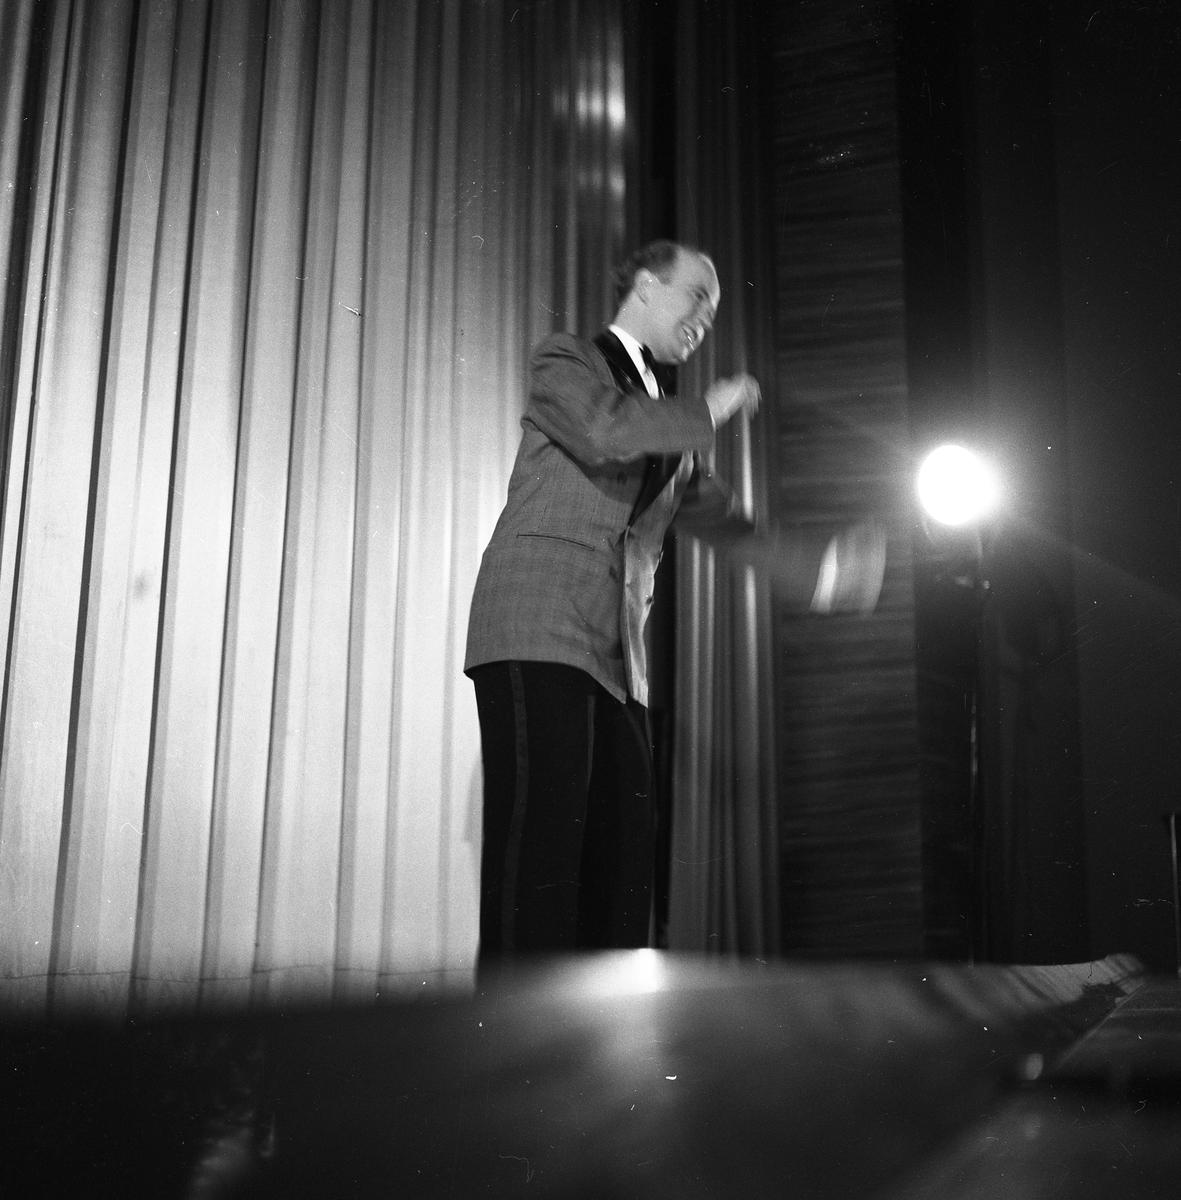 Arbogarevyn sätter upp sin Jubileumsrevy. Rune Lindqvist på scenen.